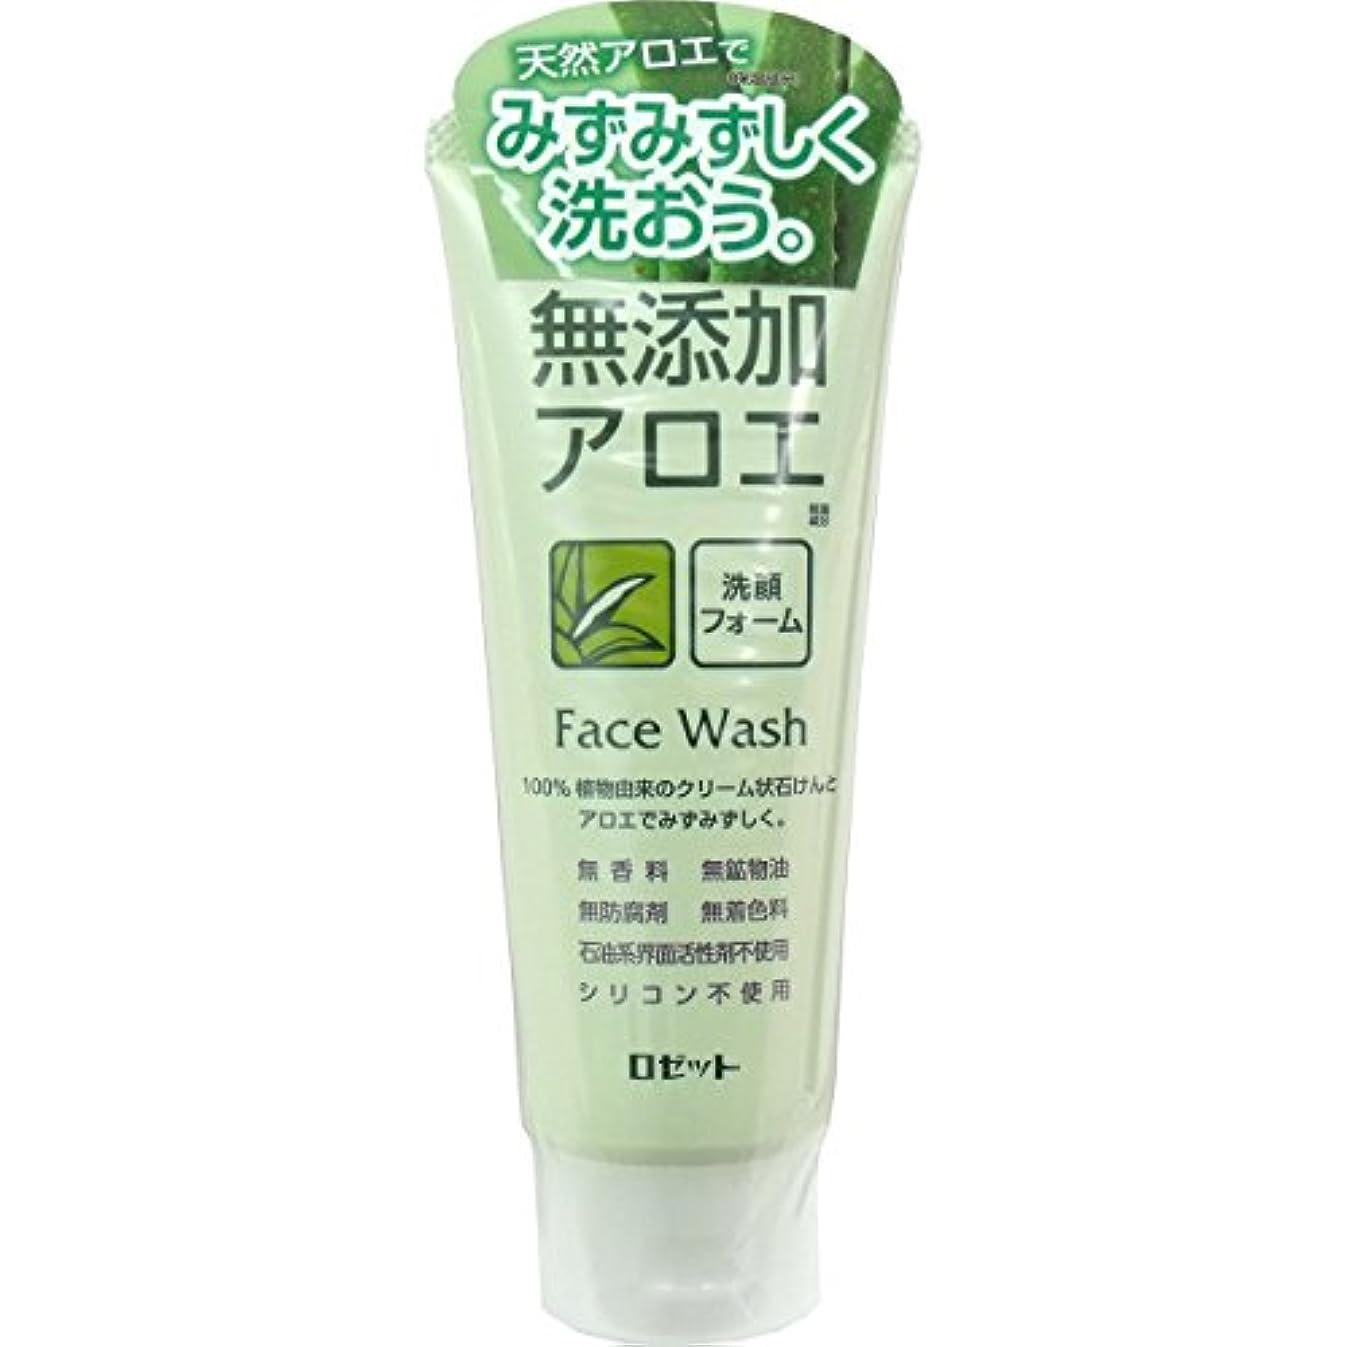 純粋な花弁食べる【ロゼット】無添加アロエ 洗顔フォーム 140g ×20個セット